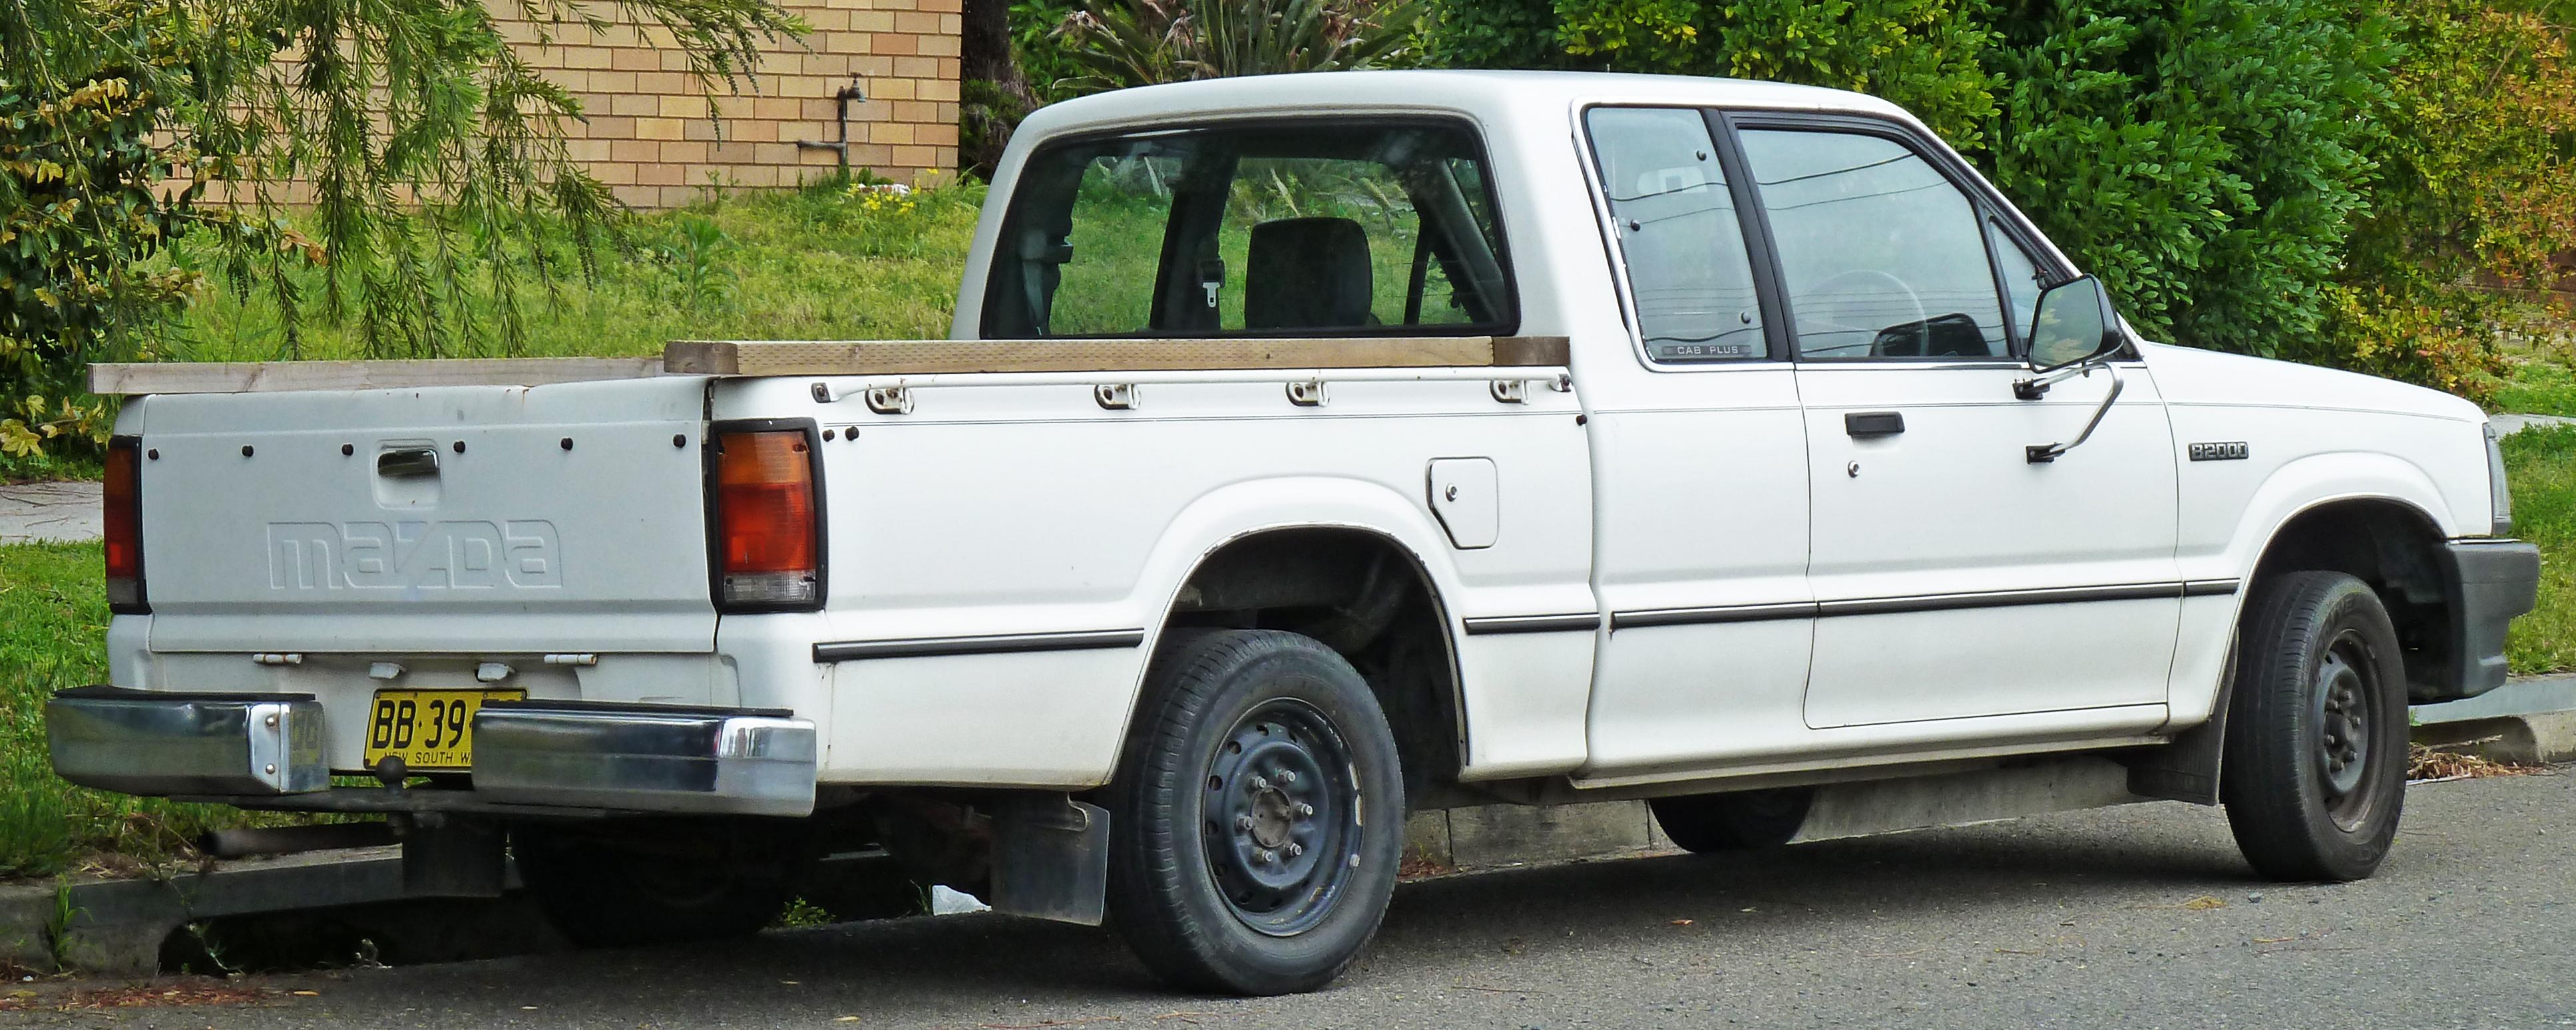 file 1985 1988 mazda b2000 cab plus 2 door utility 02 jpg